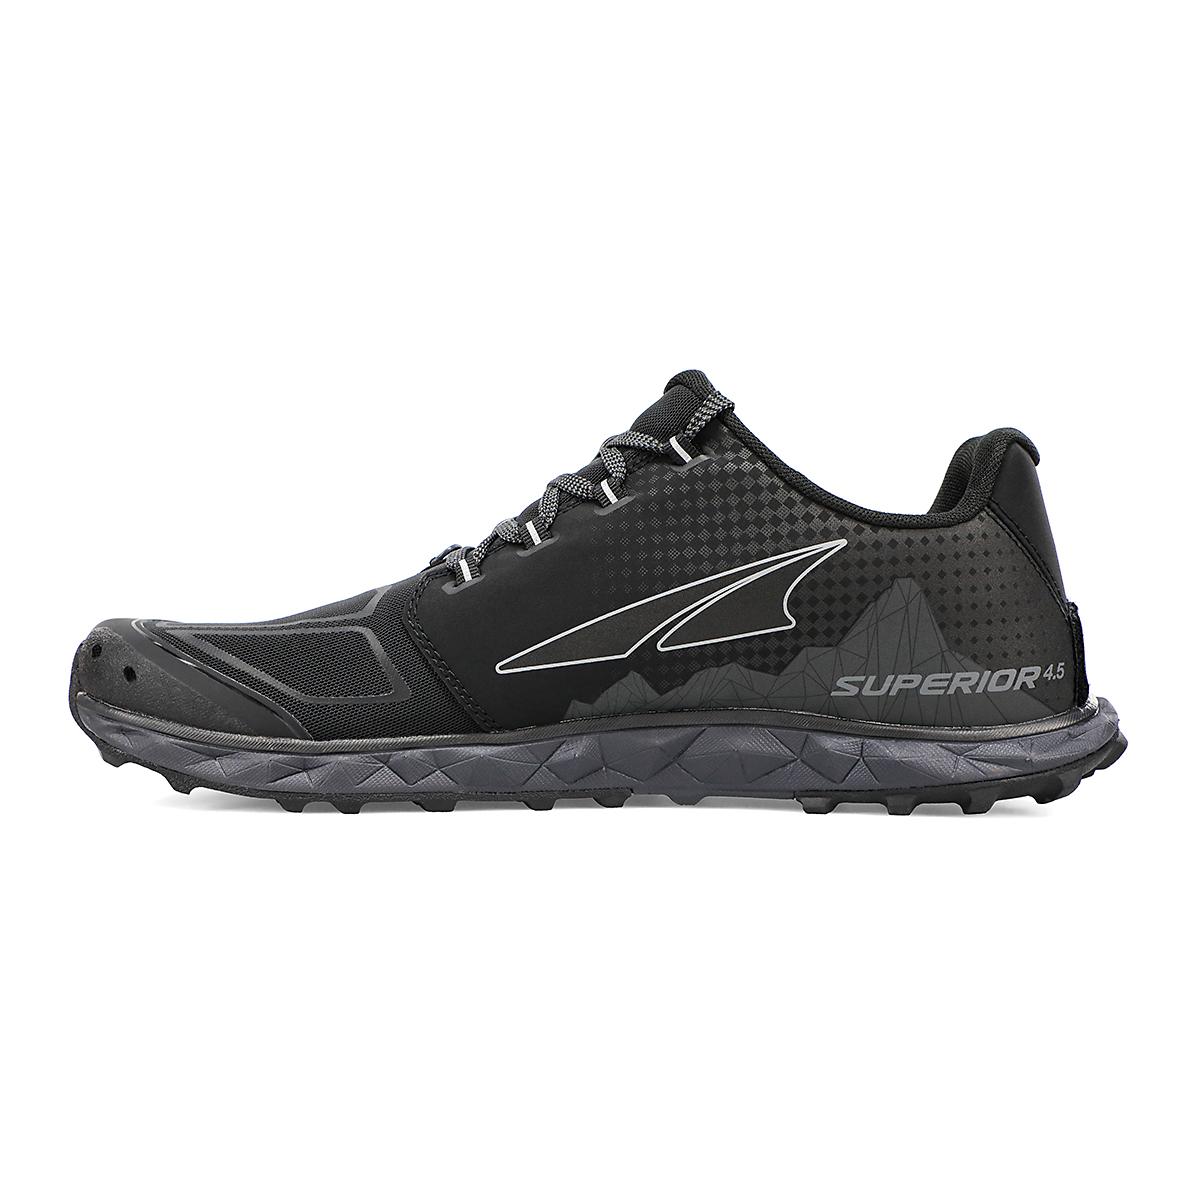 Men's Altra Superior 4.5 Trail Running Shoe - Color: Black - Size: 7 - Width: Regular, Black, large, image 2